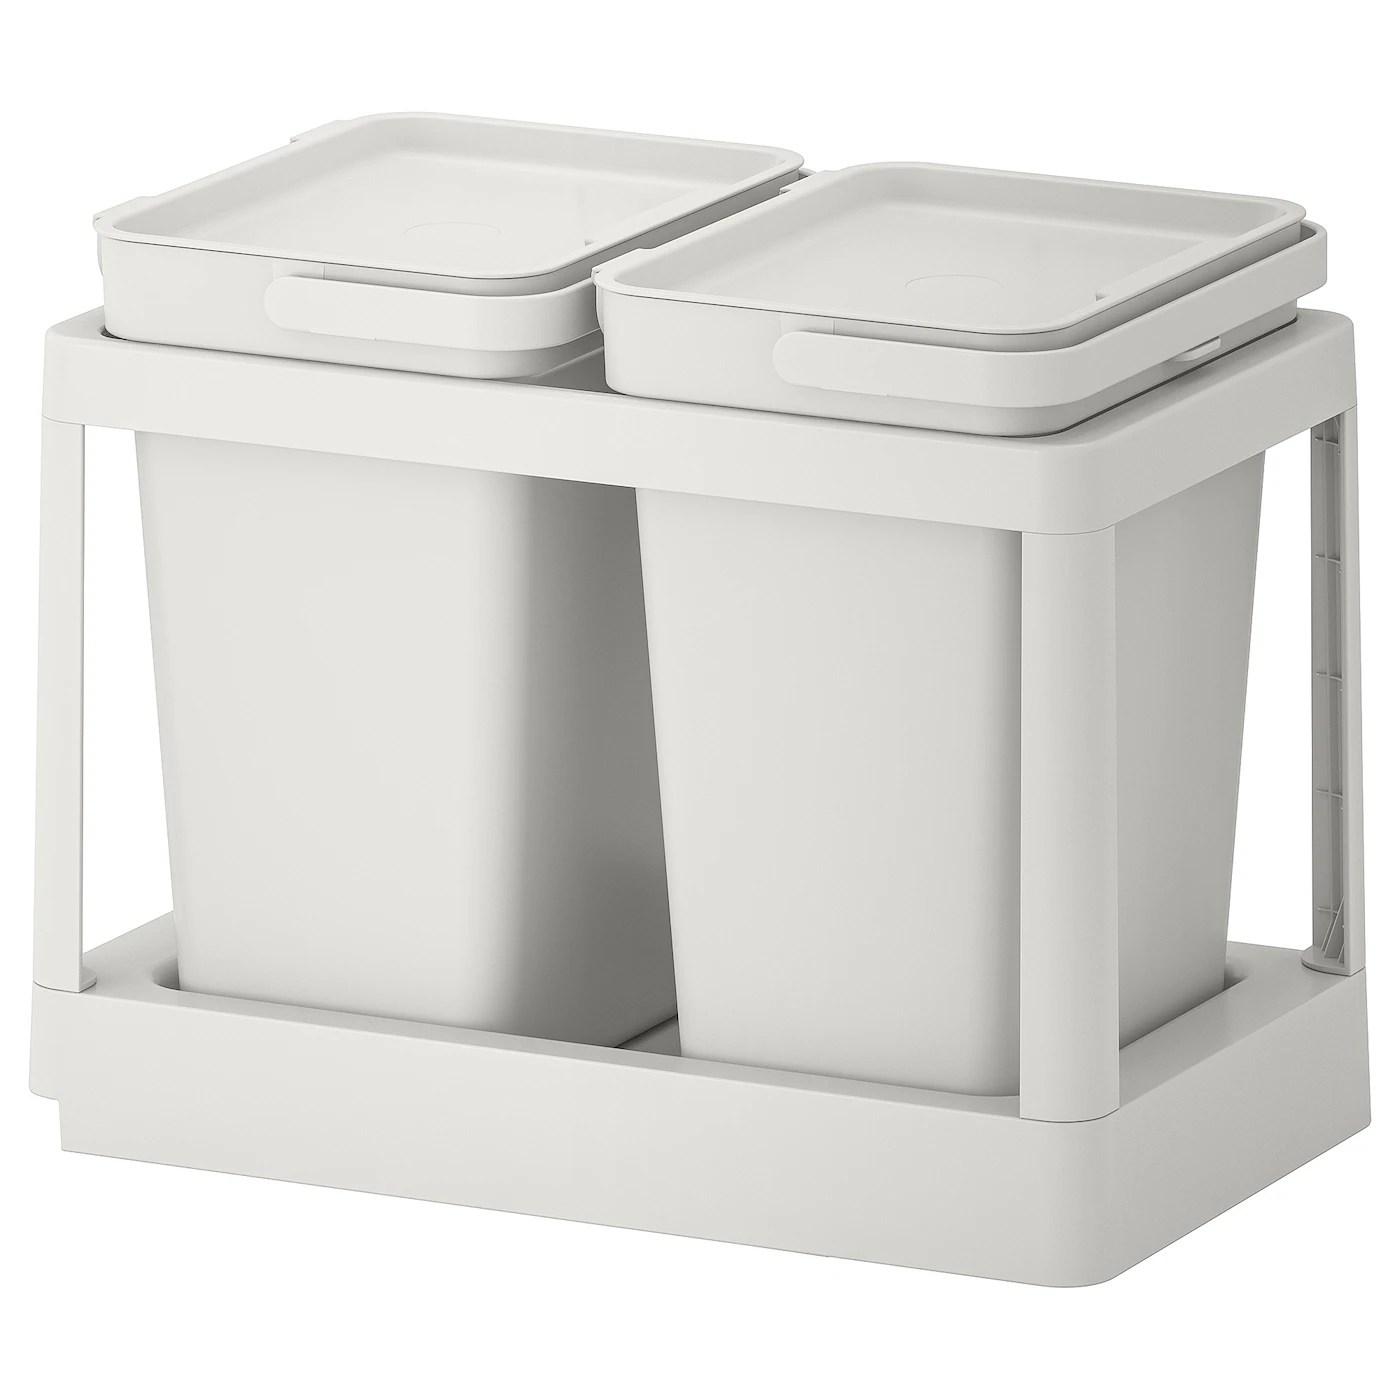 ikea di accessori per il bagno ne ha di tutti i tipi. Accessori Interni Per Mobili Da Cucina It Ikea It